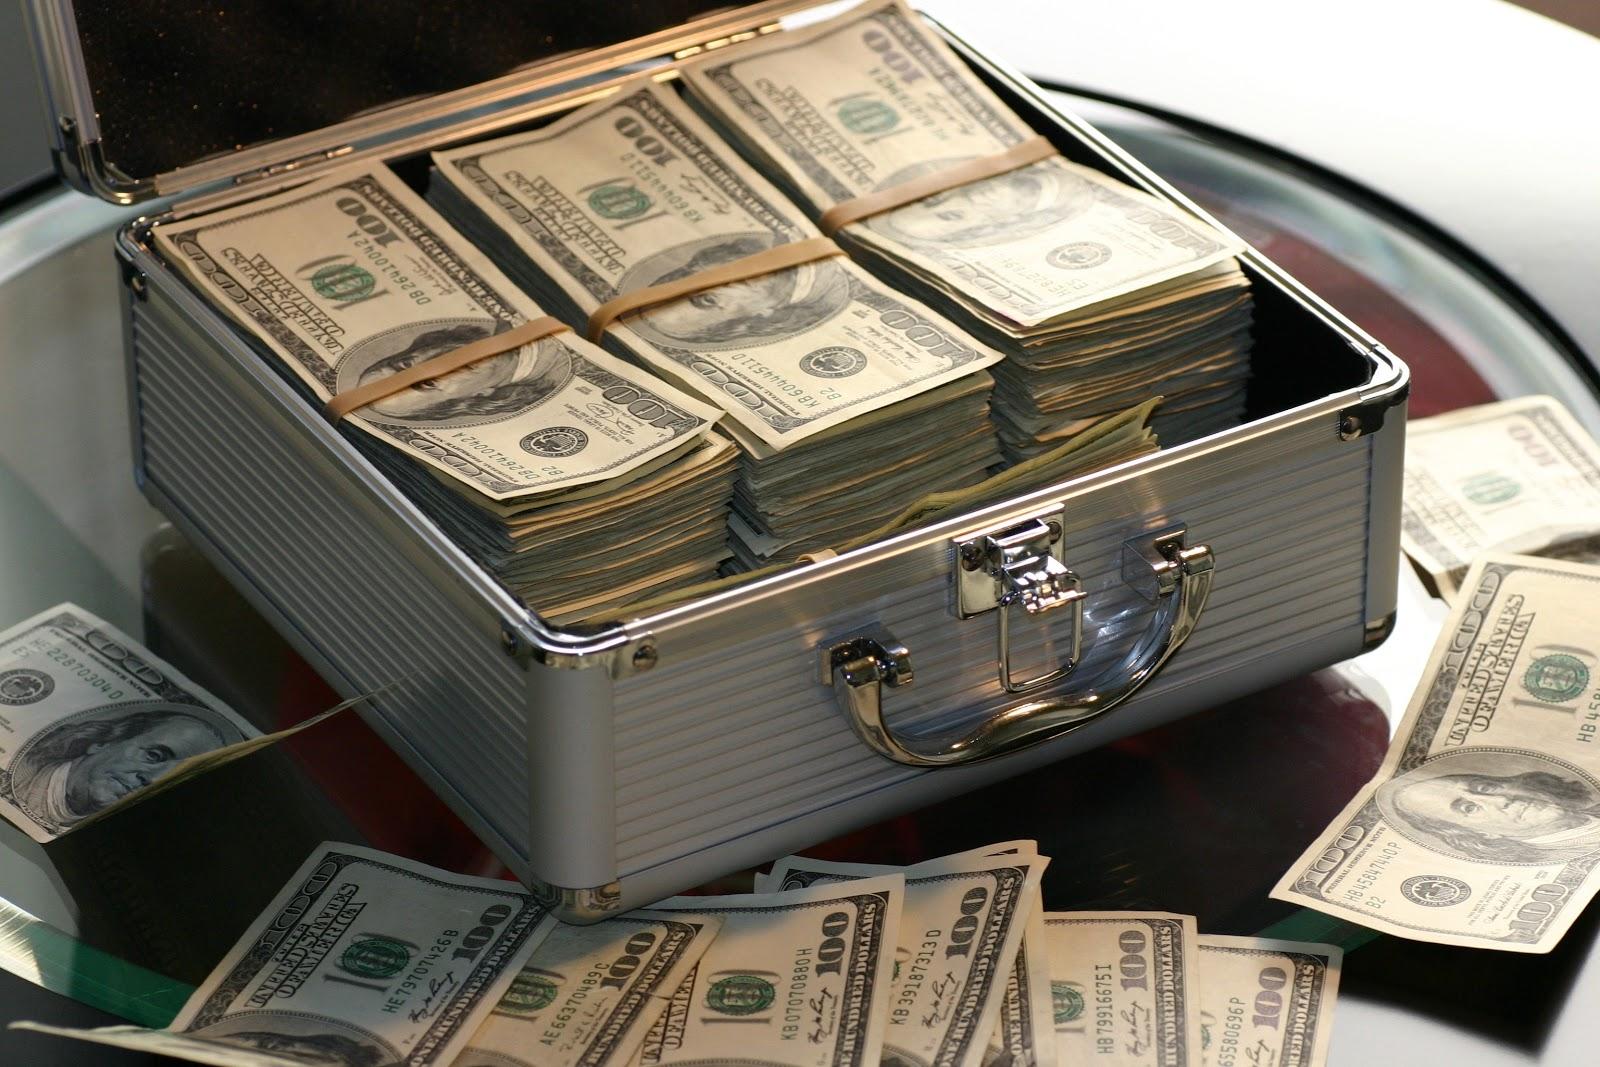 billetes de banco bancario 259027